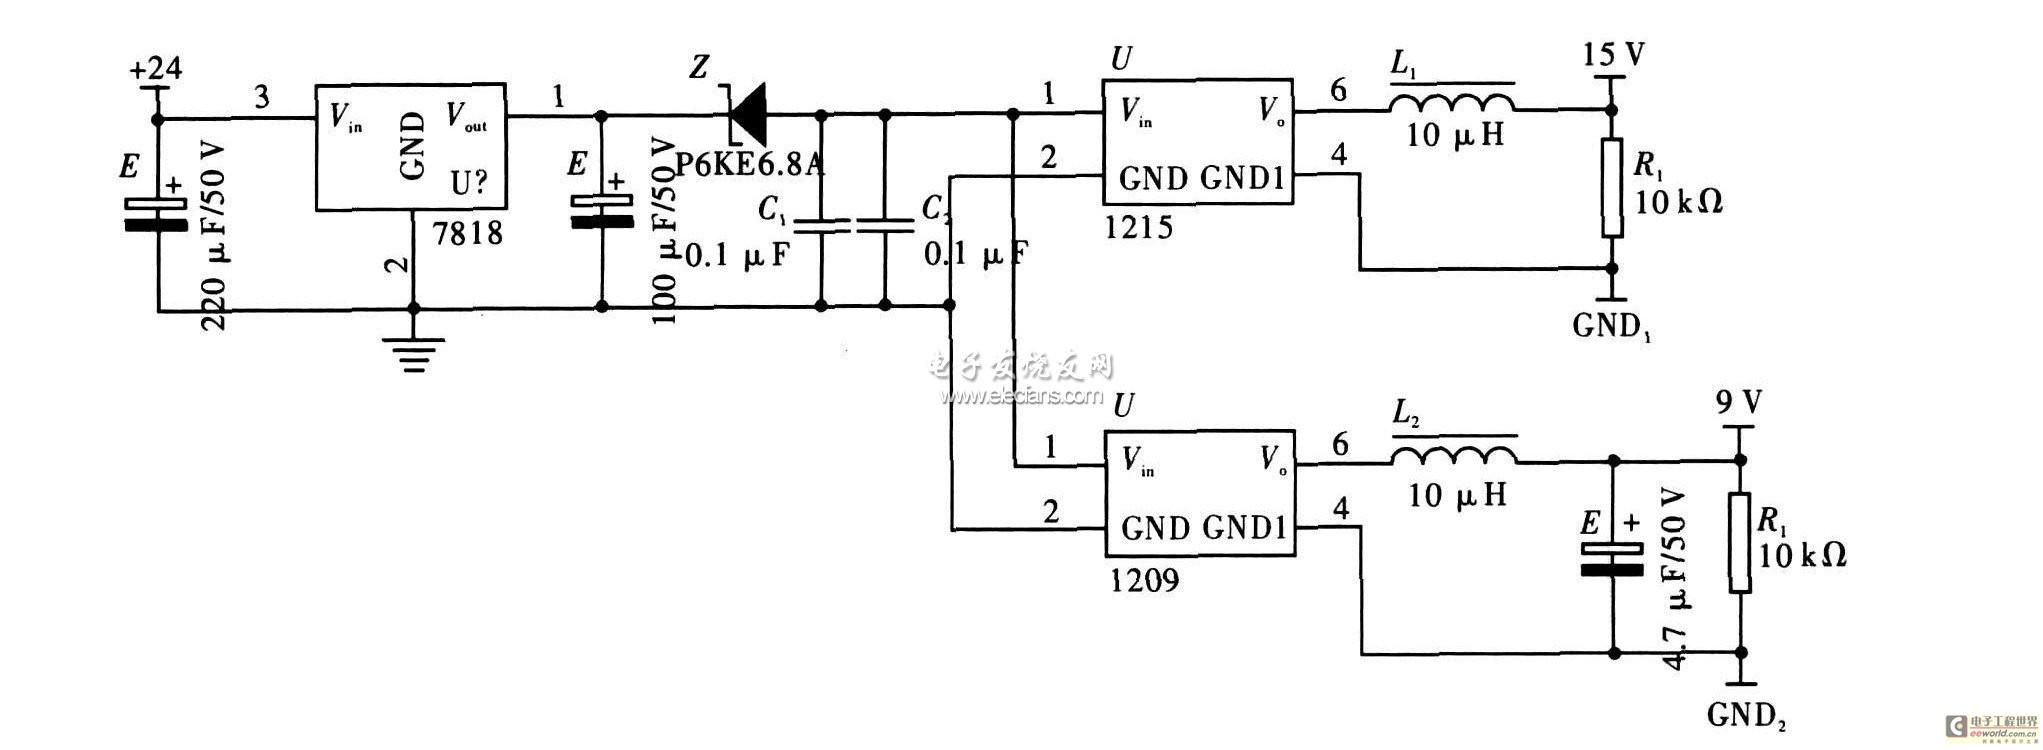 系统的电源电路设计